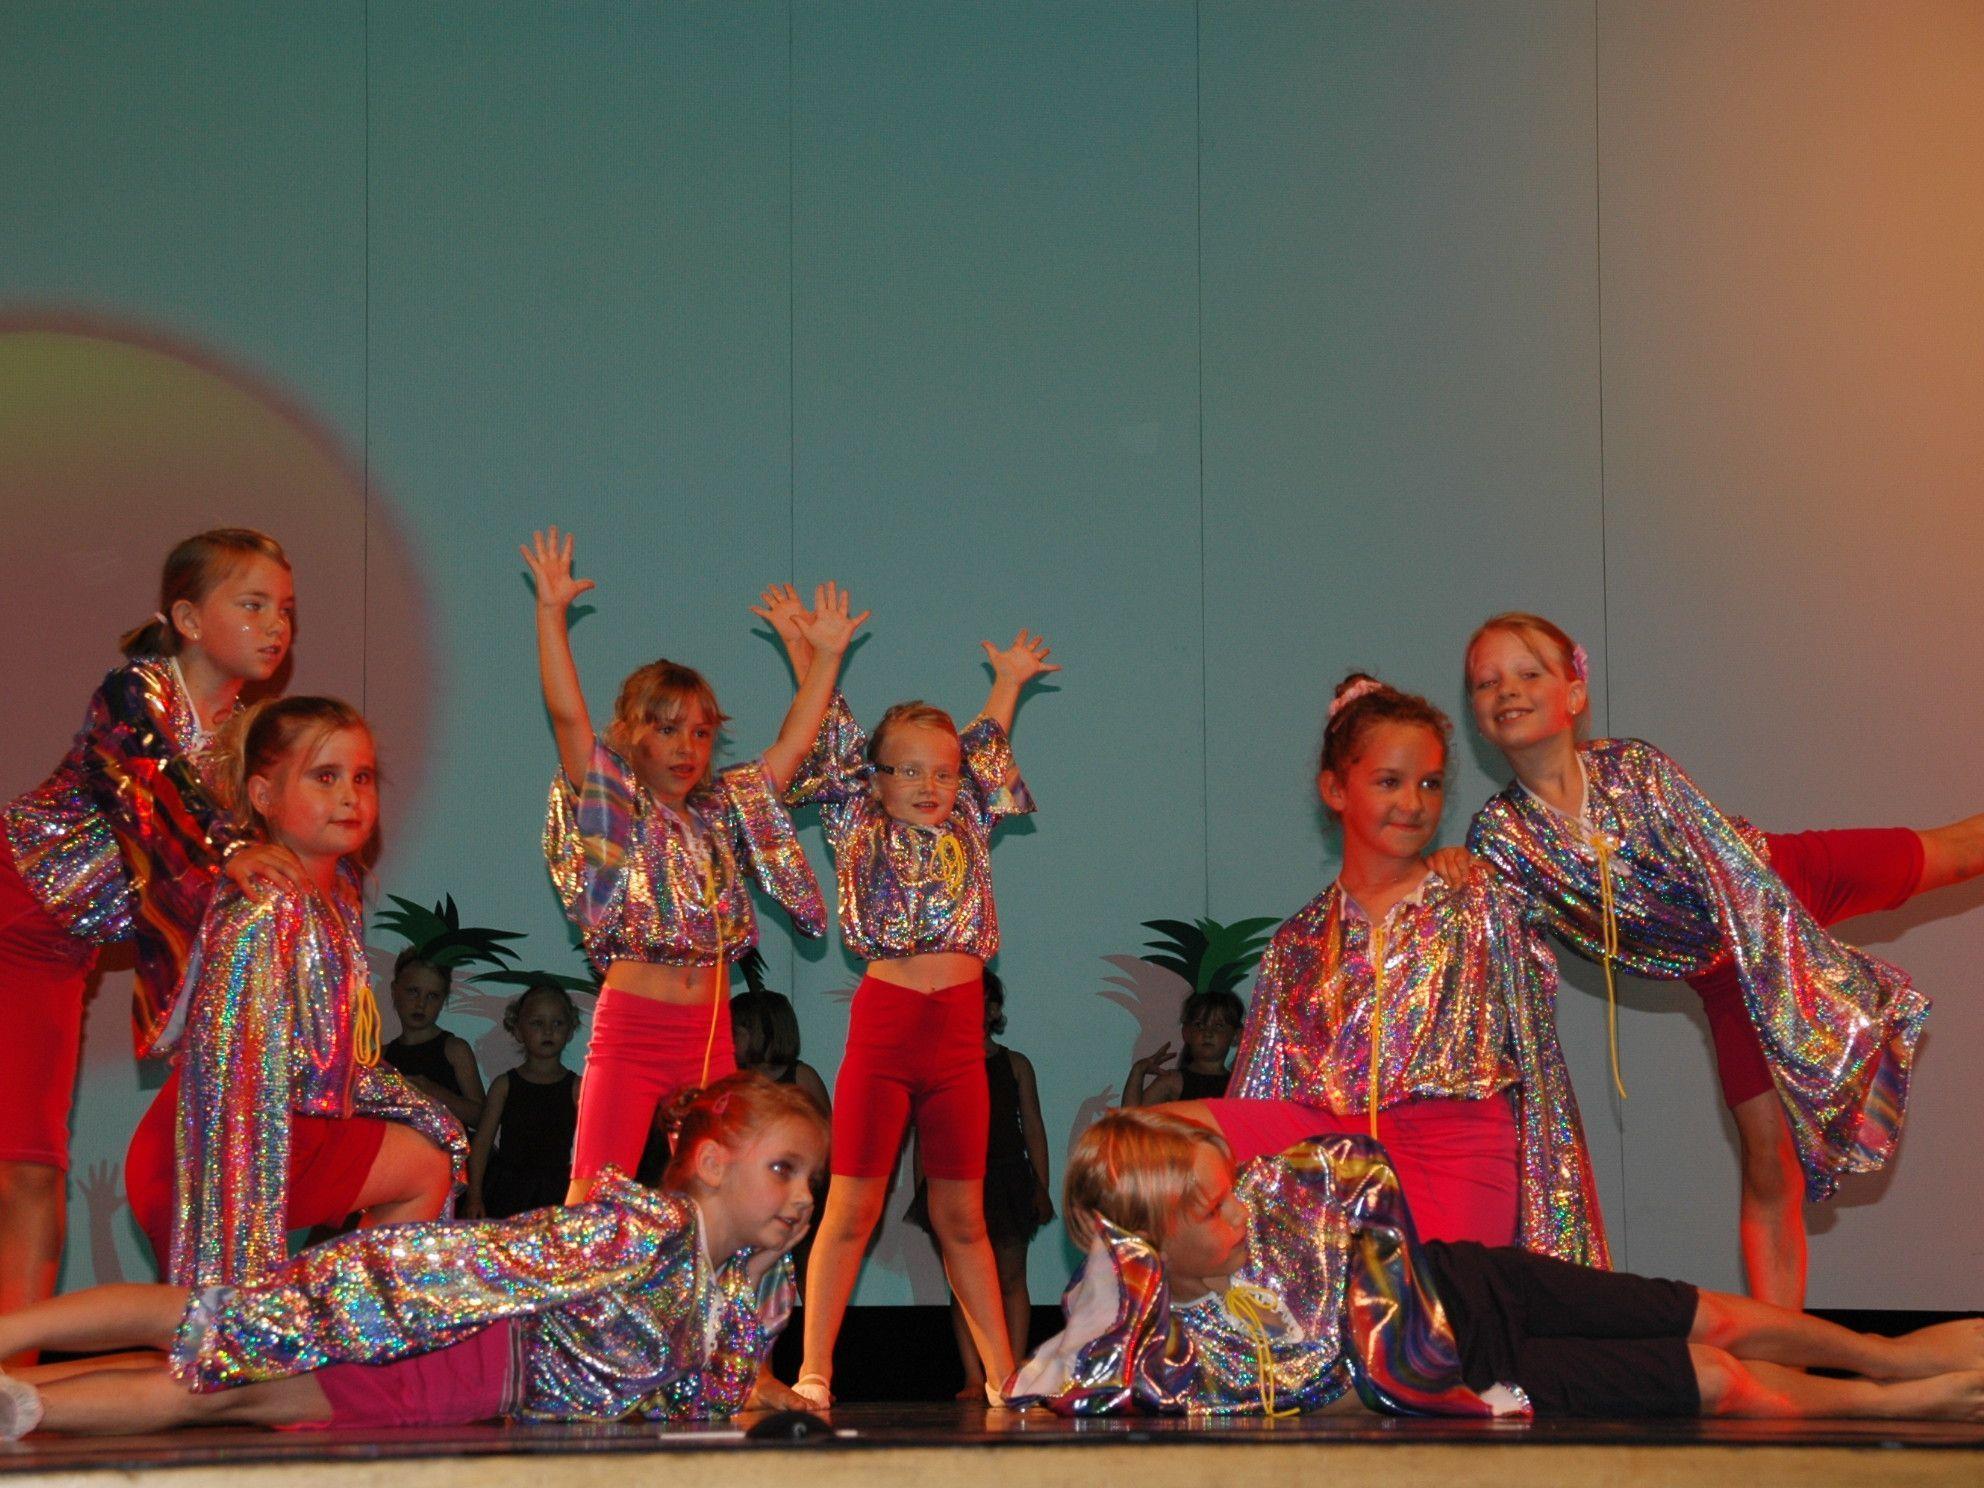 Konzentration, Ausdauer & Freude am Tanzen stehen in der Dance Hall im Vordergrund.